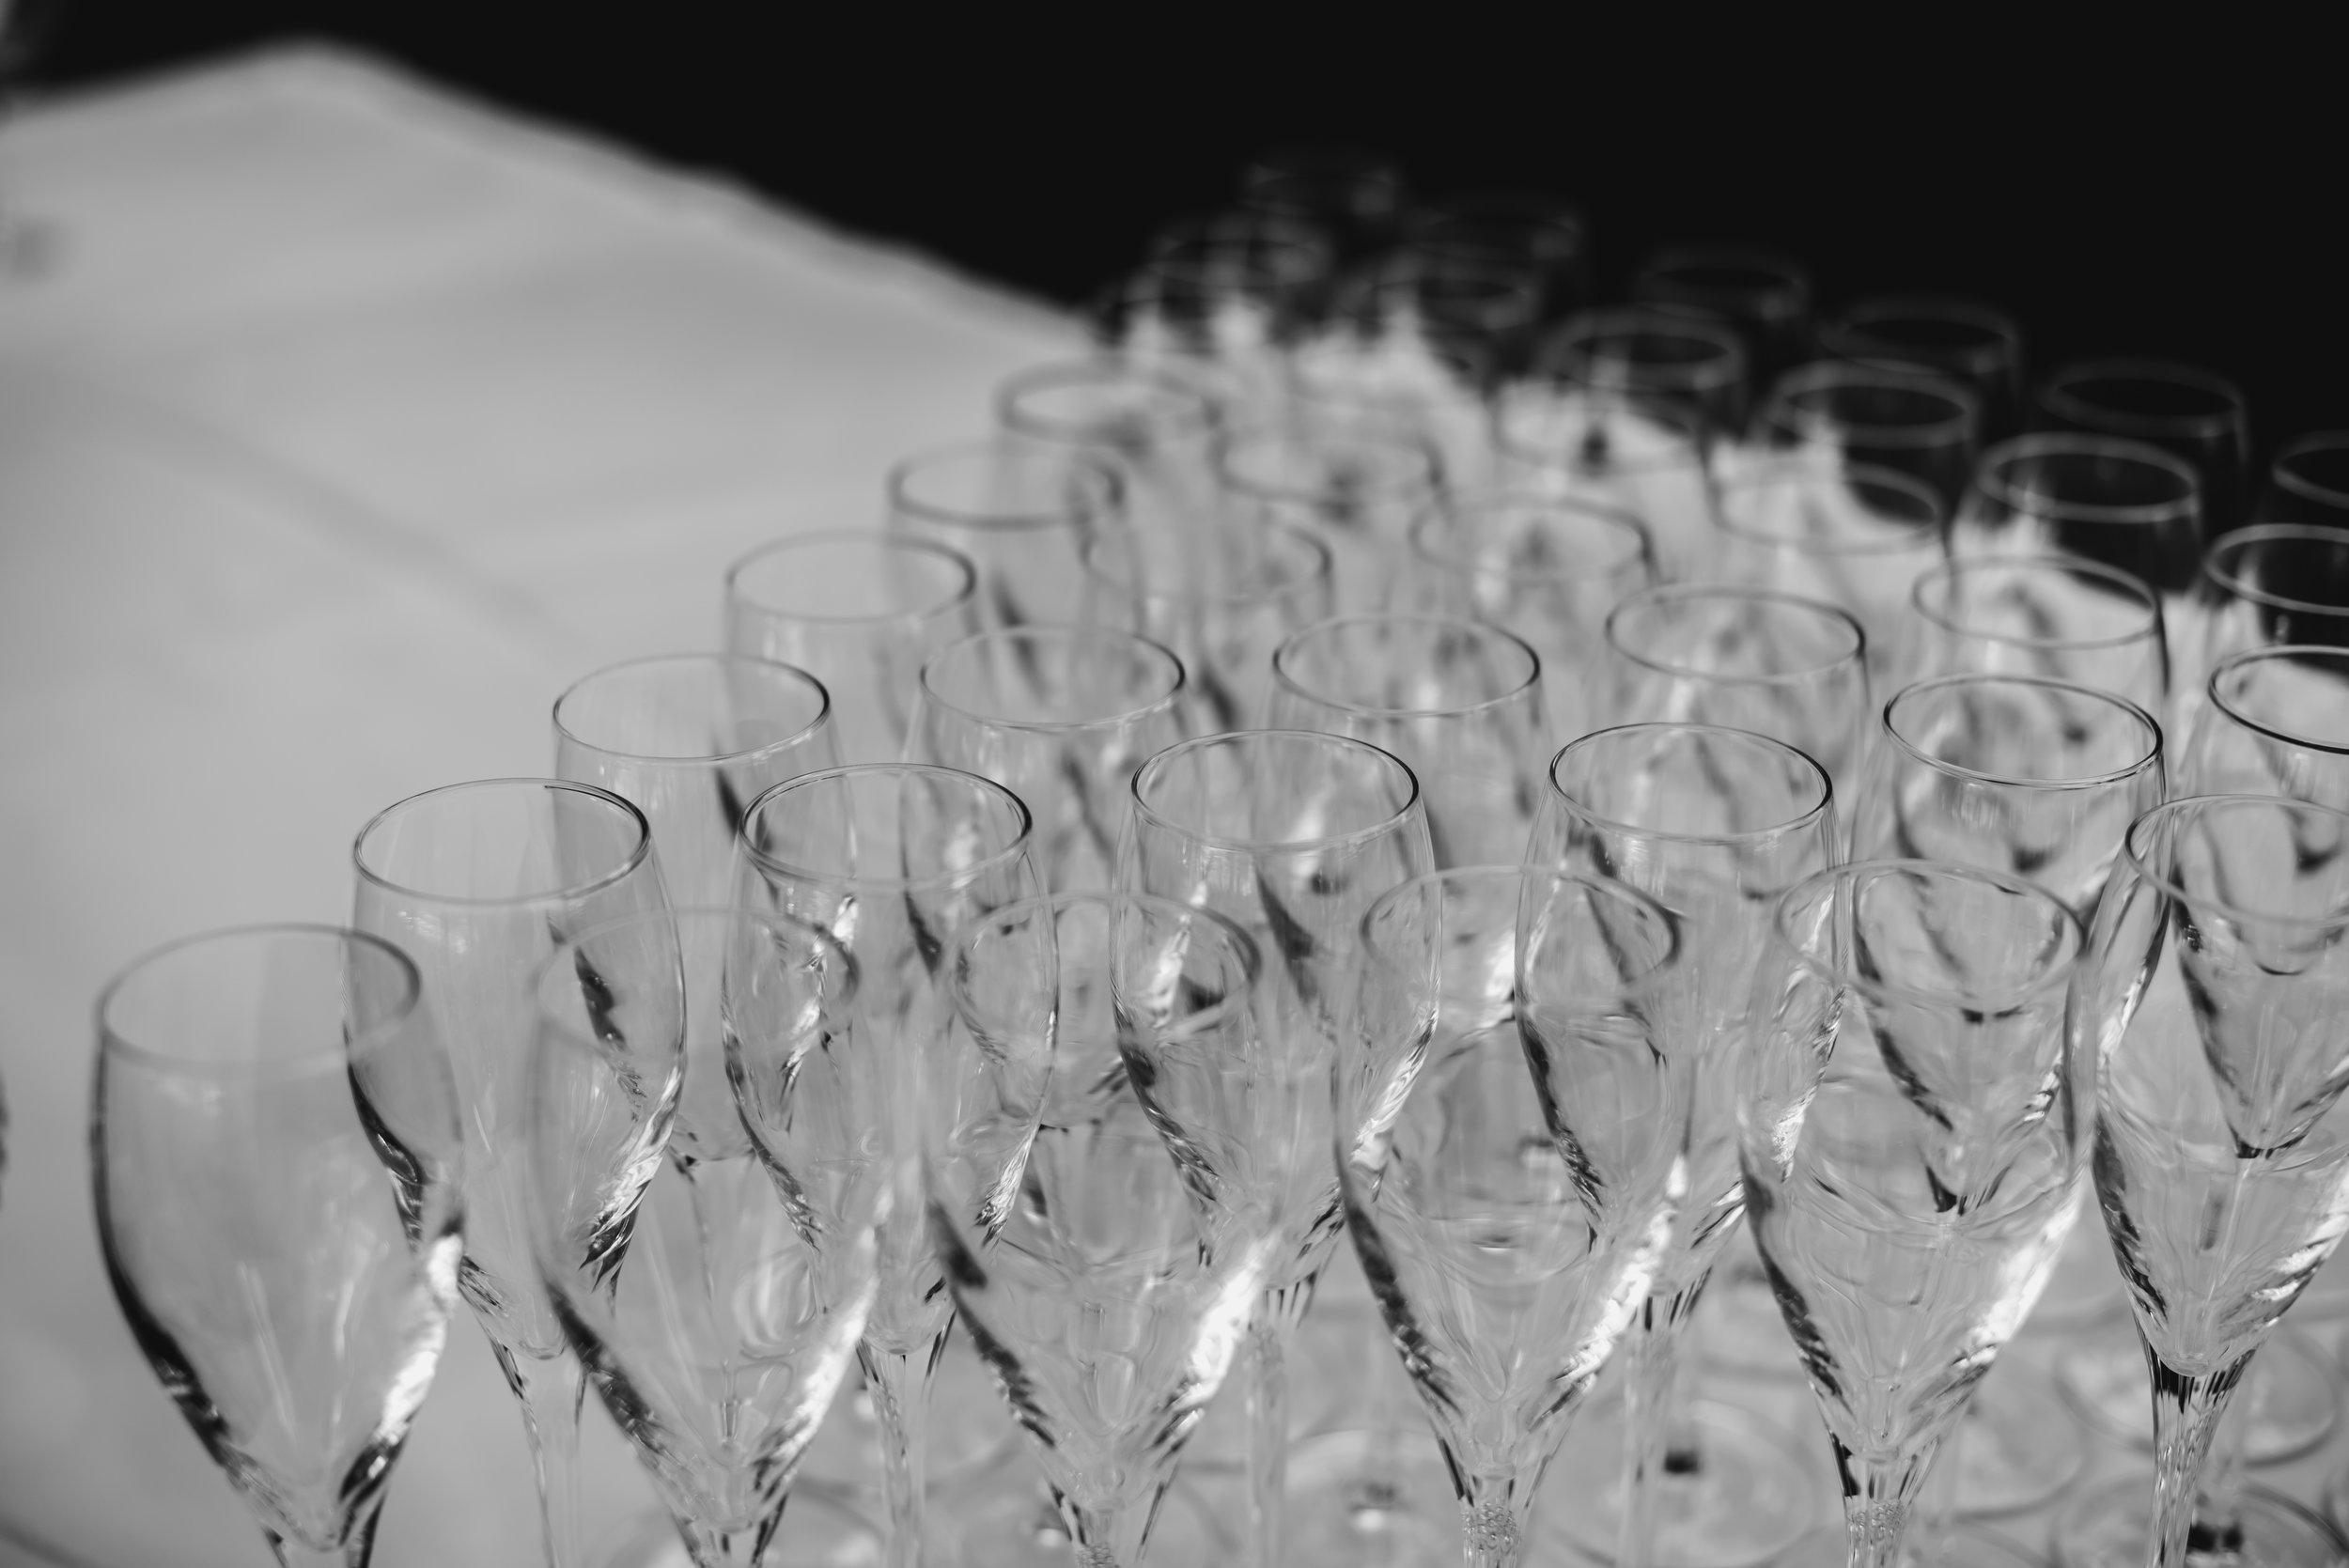 Léa-Fery-photographe-professionnel-lyon-rhone-alpes-portrait-creation-mariage-evenement-evenementiel-famille-8556.jpg